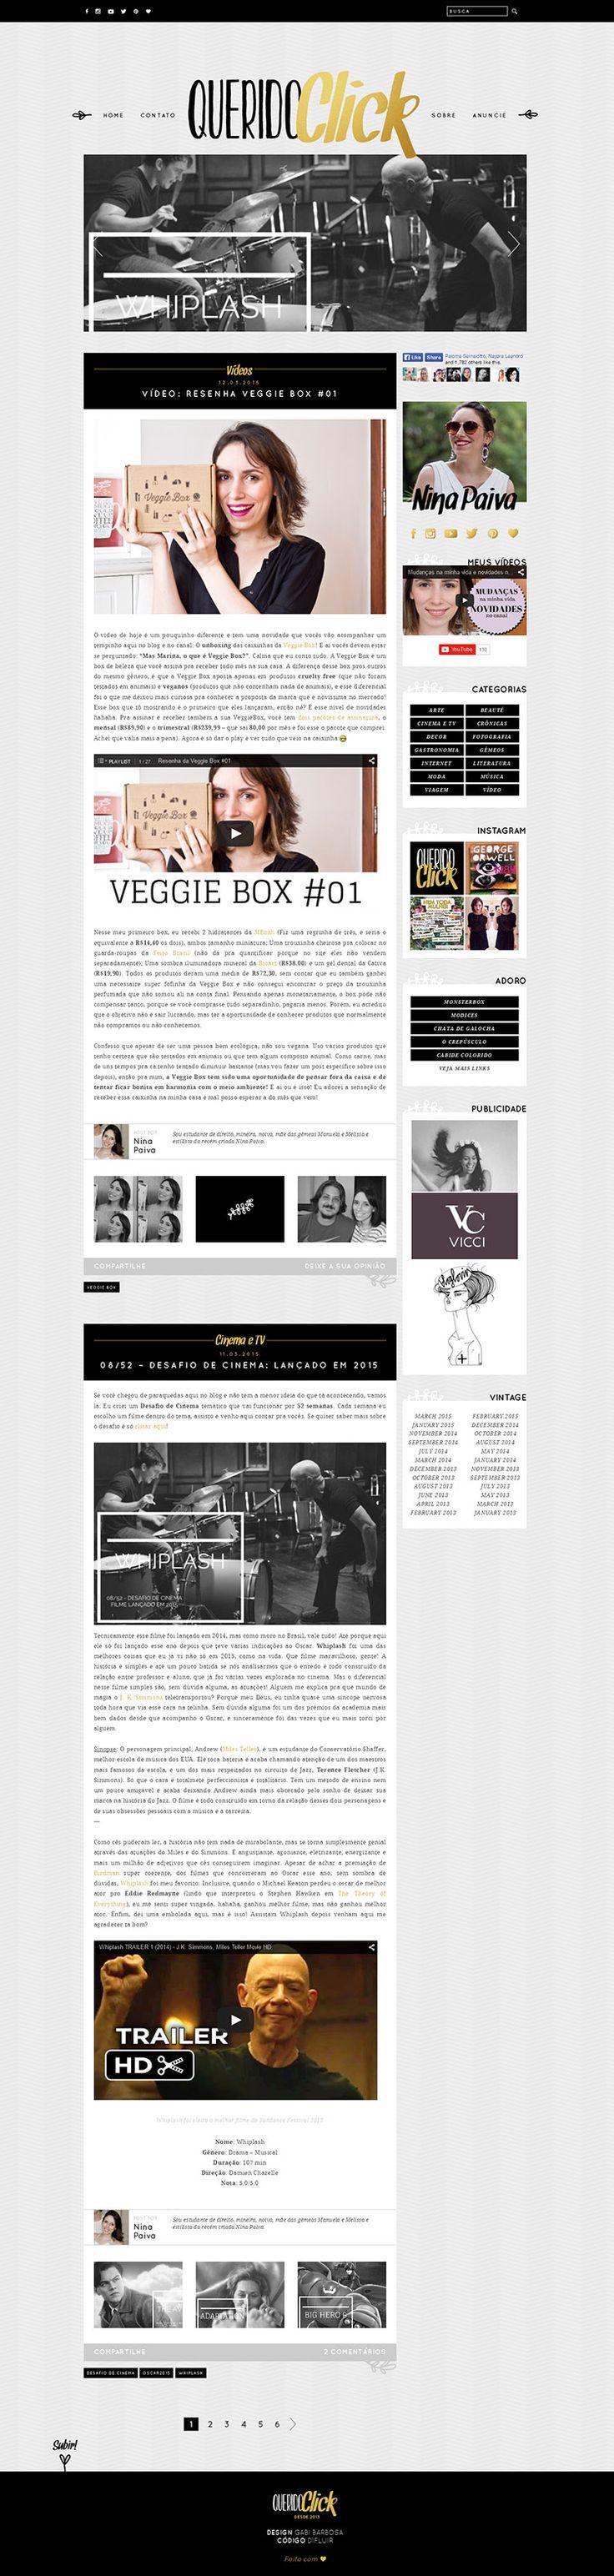 Desenvolvimento do blog em WordPress.